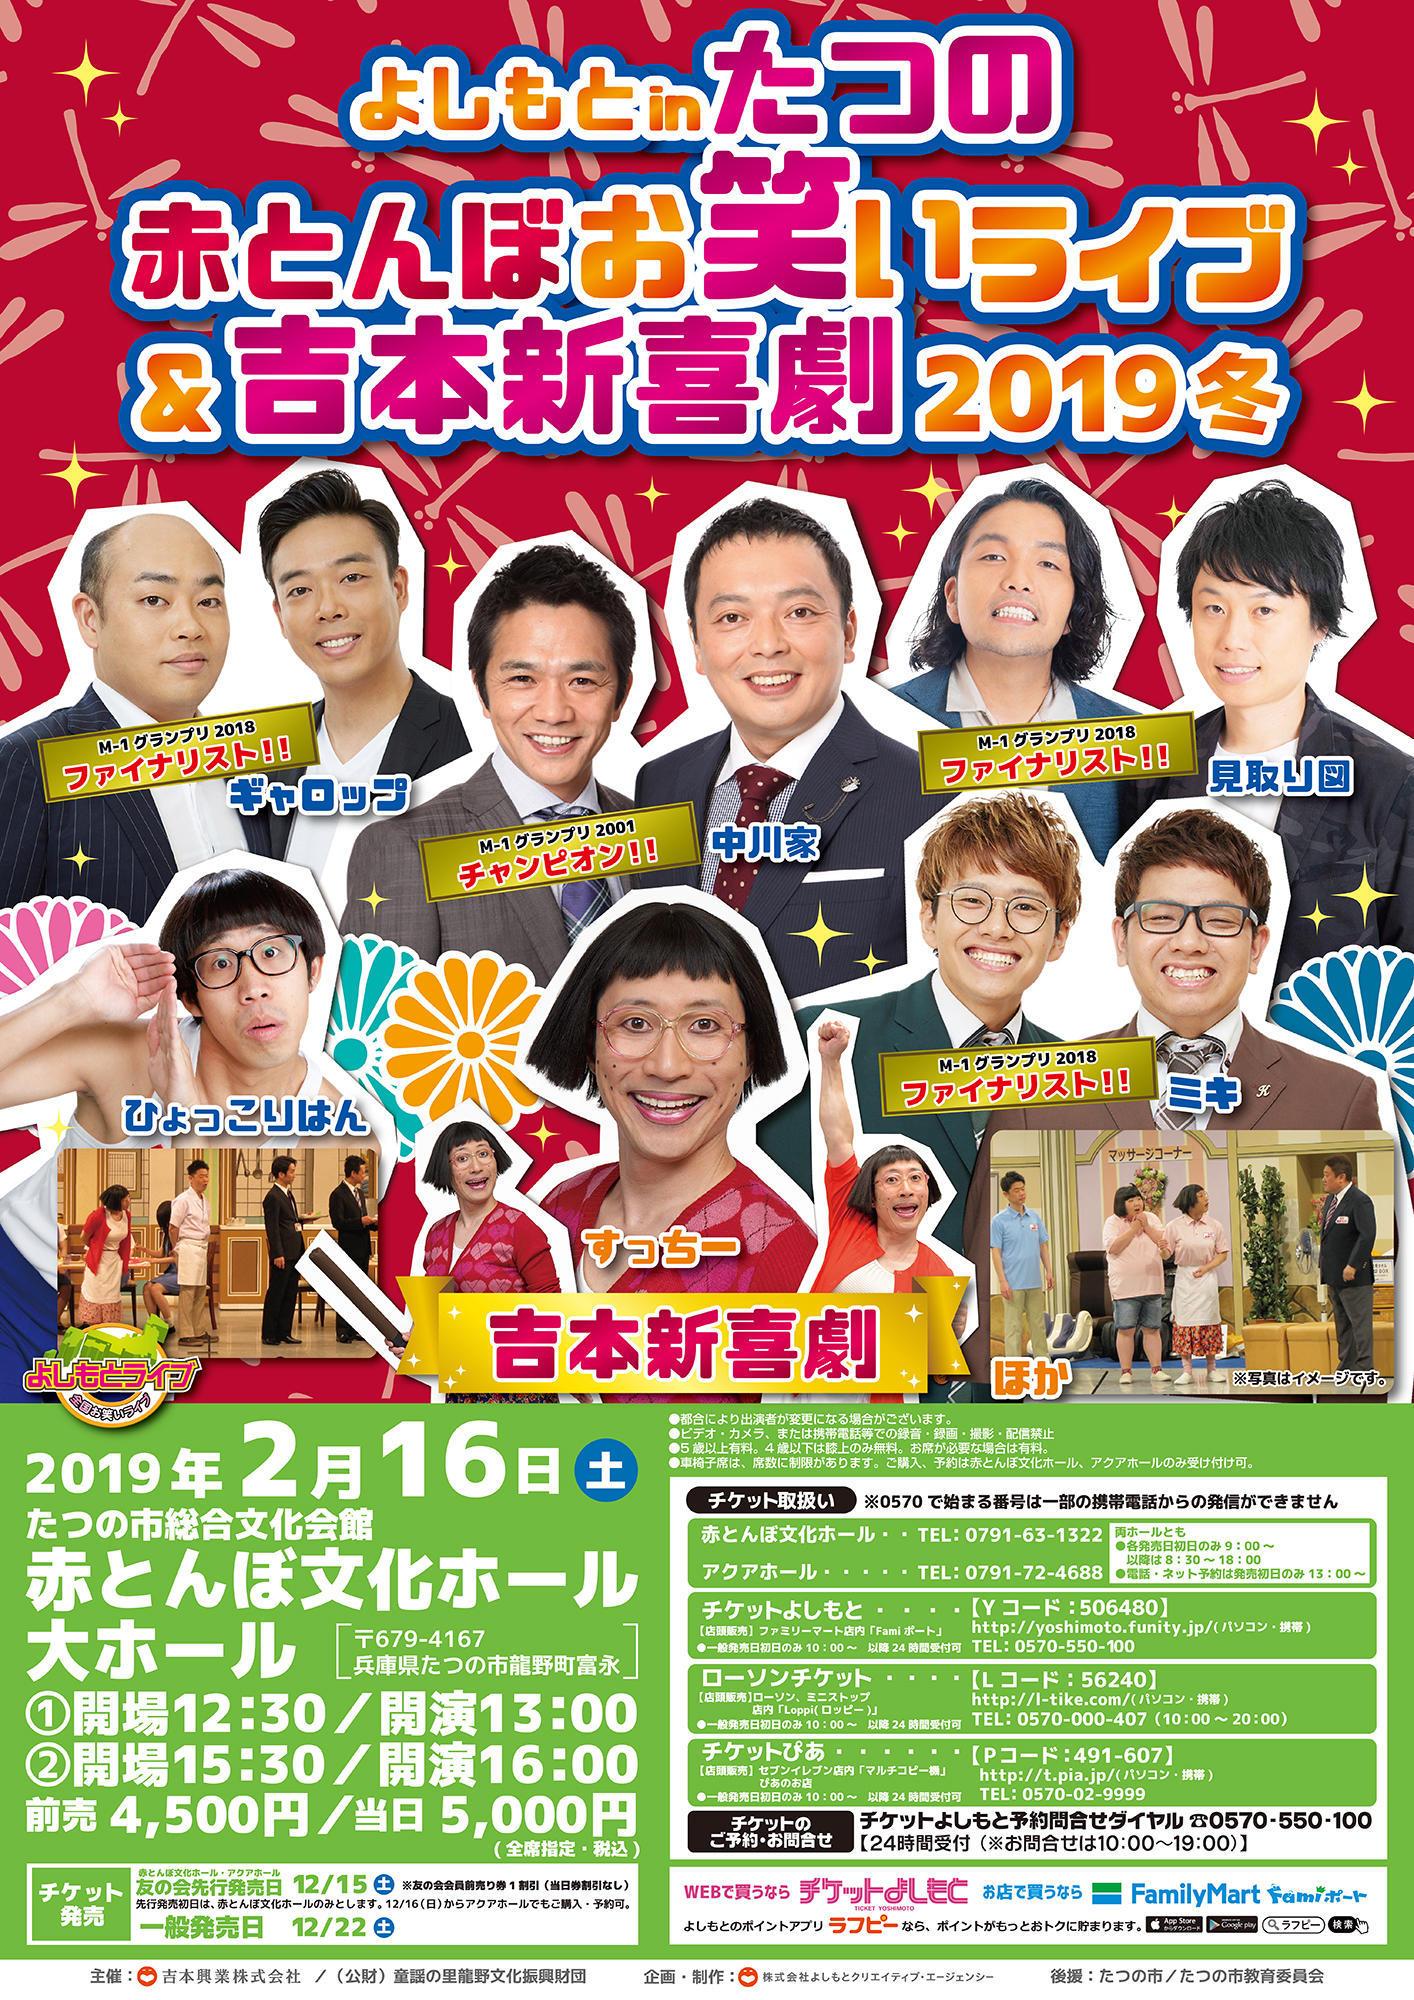 http://www.syumatsu.jp/20181220124555-7b3311ab62d4f8635edbe46ebb7a9ef39f059abd.jpg